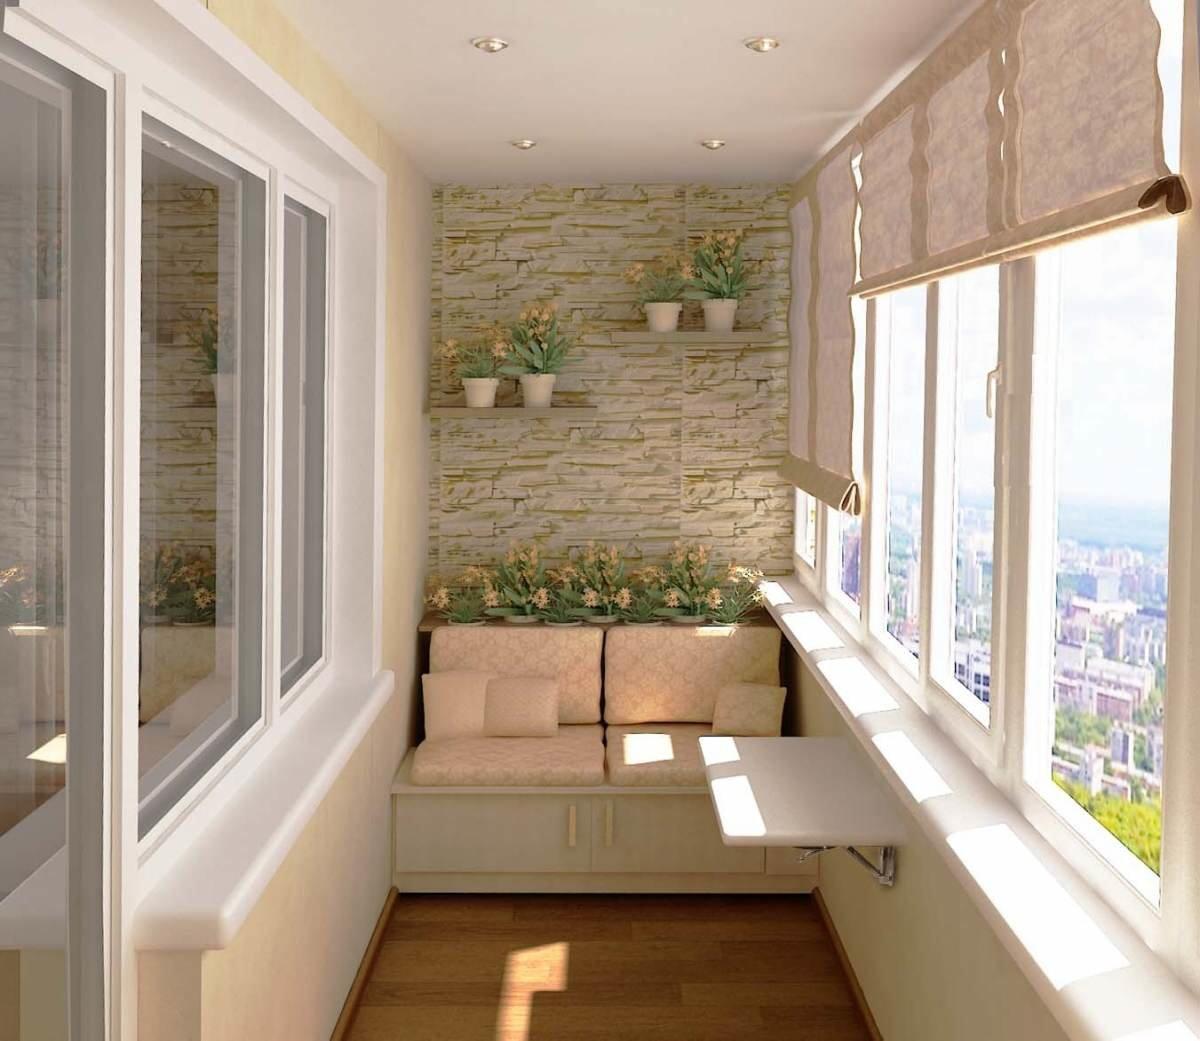 """Дизайн маленьких балкона в квартире фото"""" - карточка пользов."""